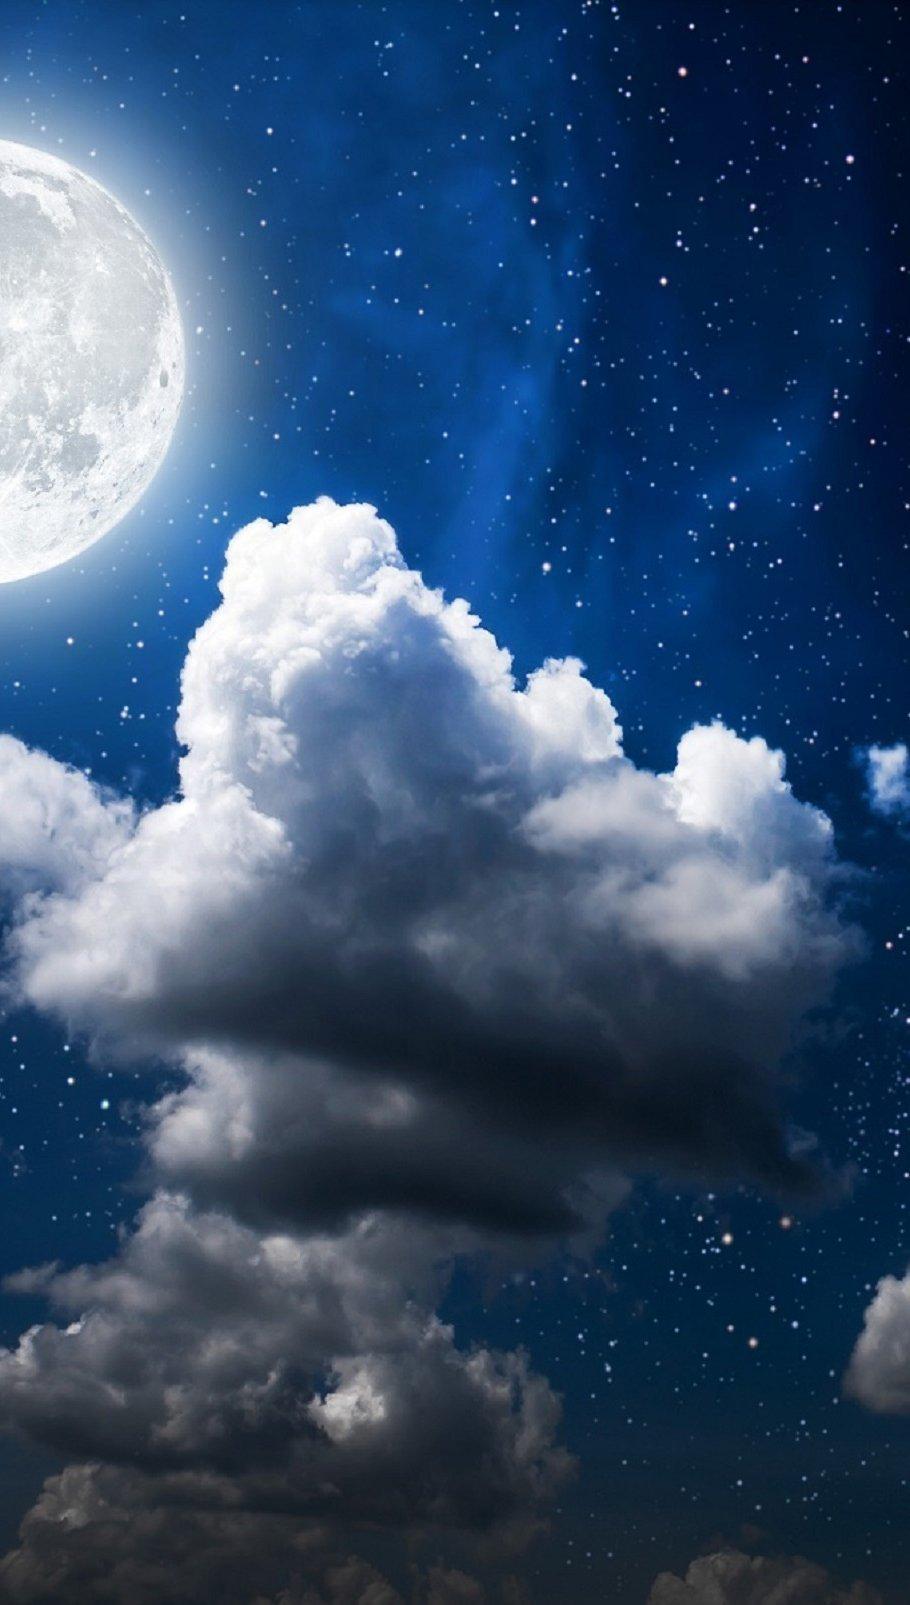 Fondos de pantalla Nubes y la luna de noche Vertical